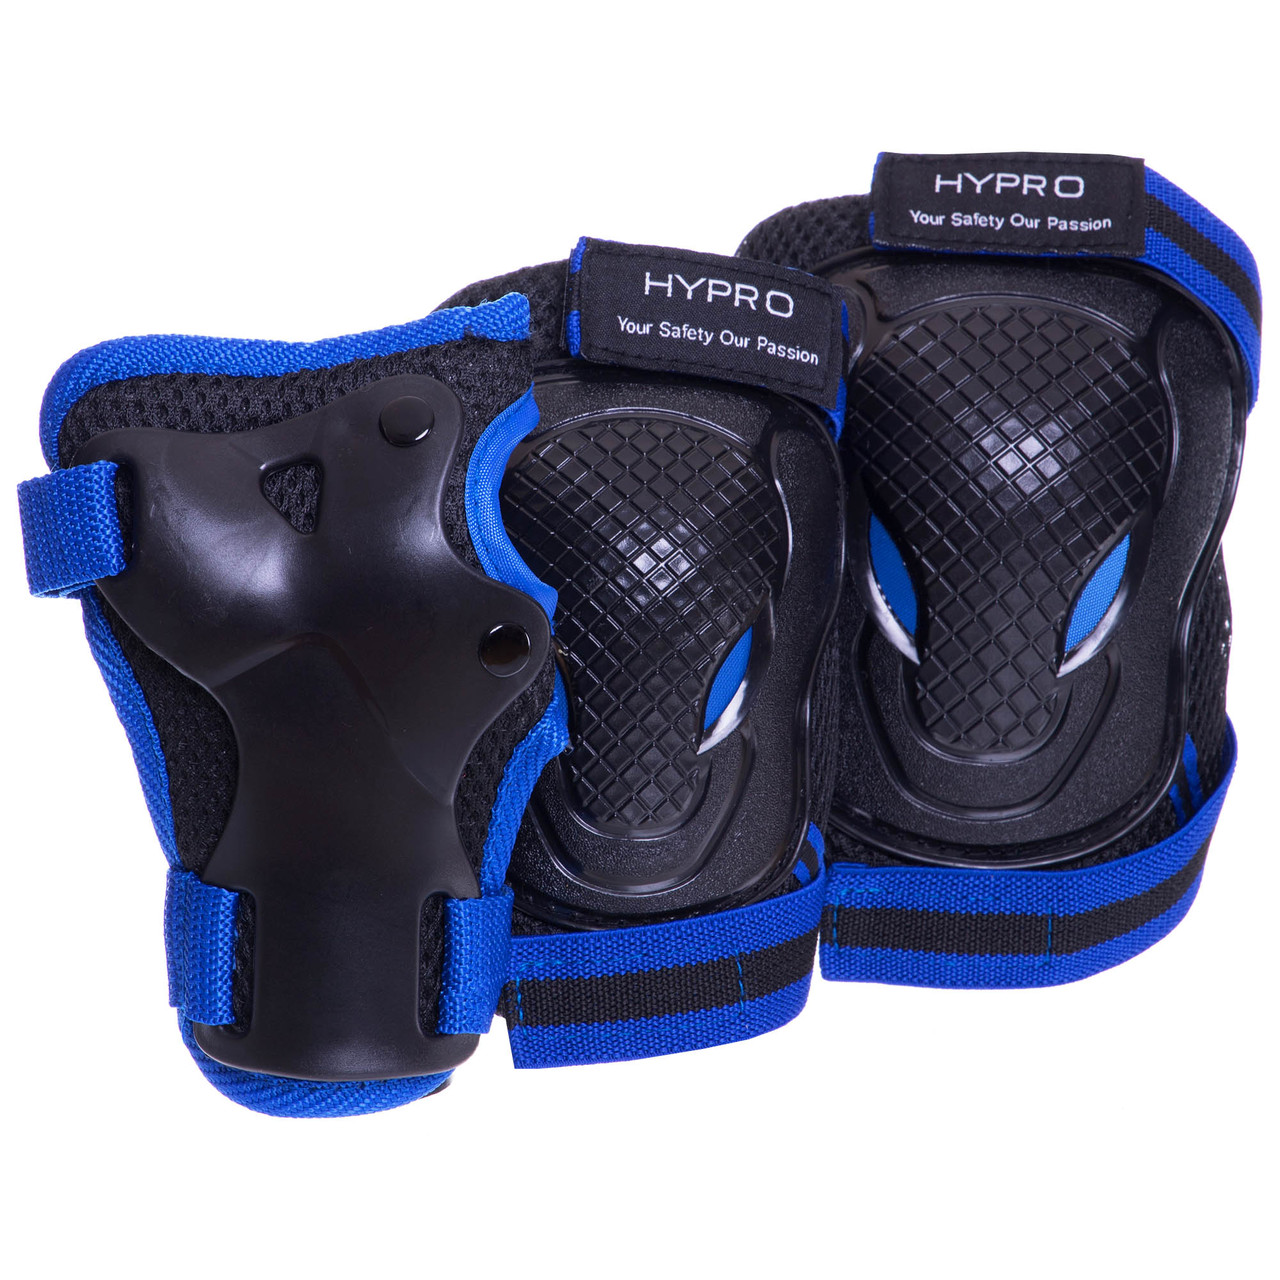 Захист дитяча наколінники, налокітники, рукавички Hypro 6967, розмір M (8-12 років)